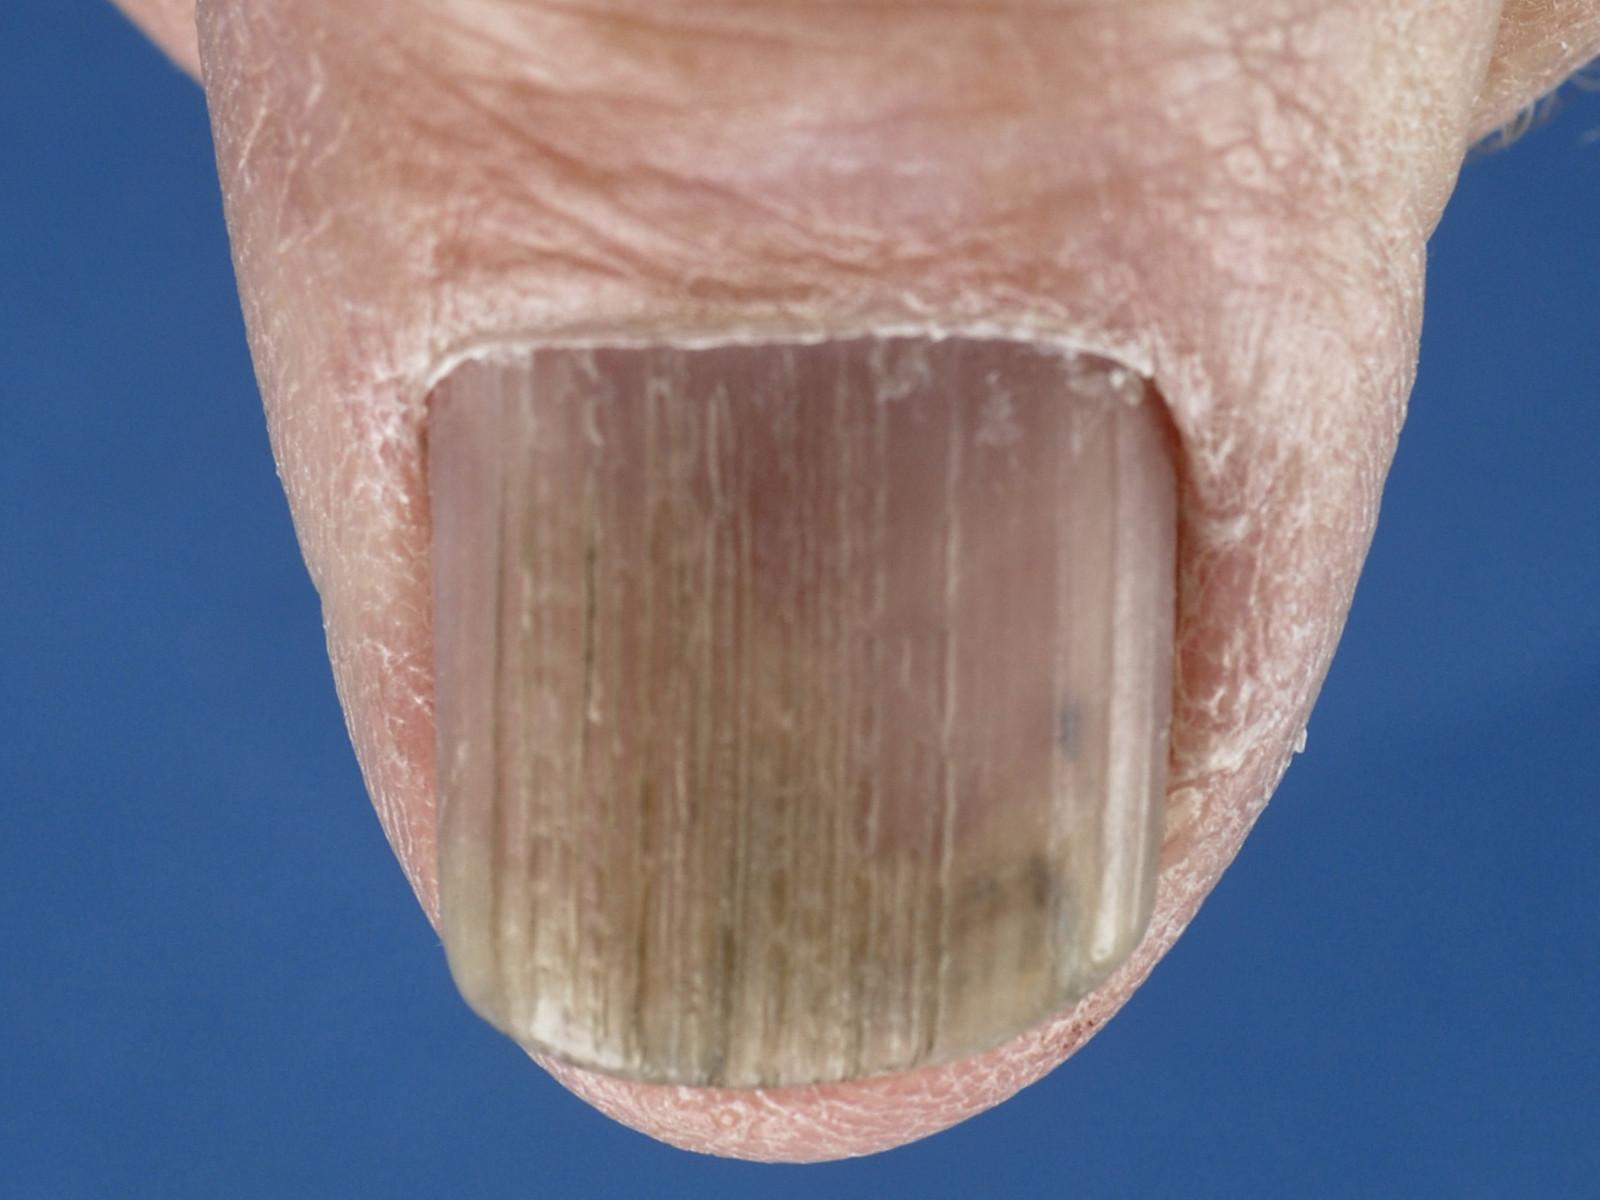 schilferende nagels